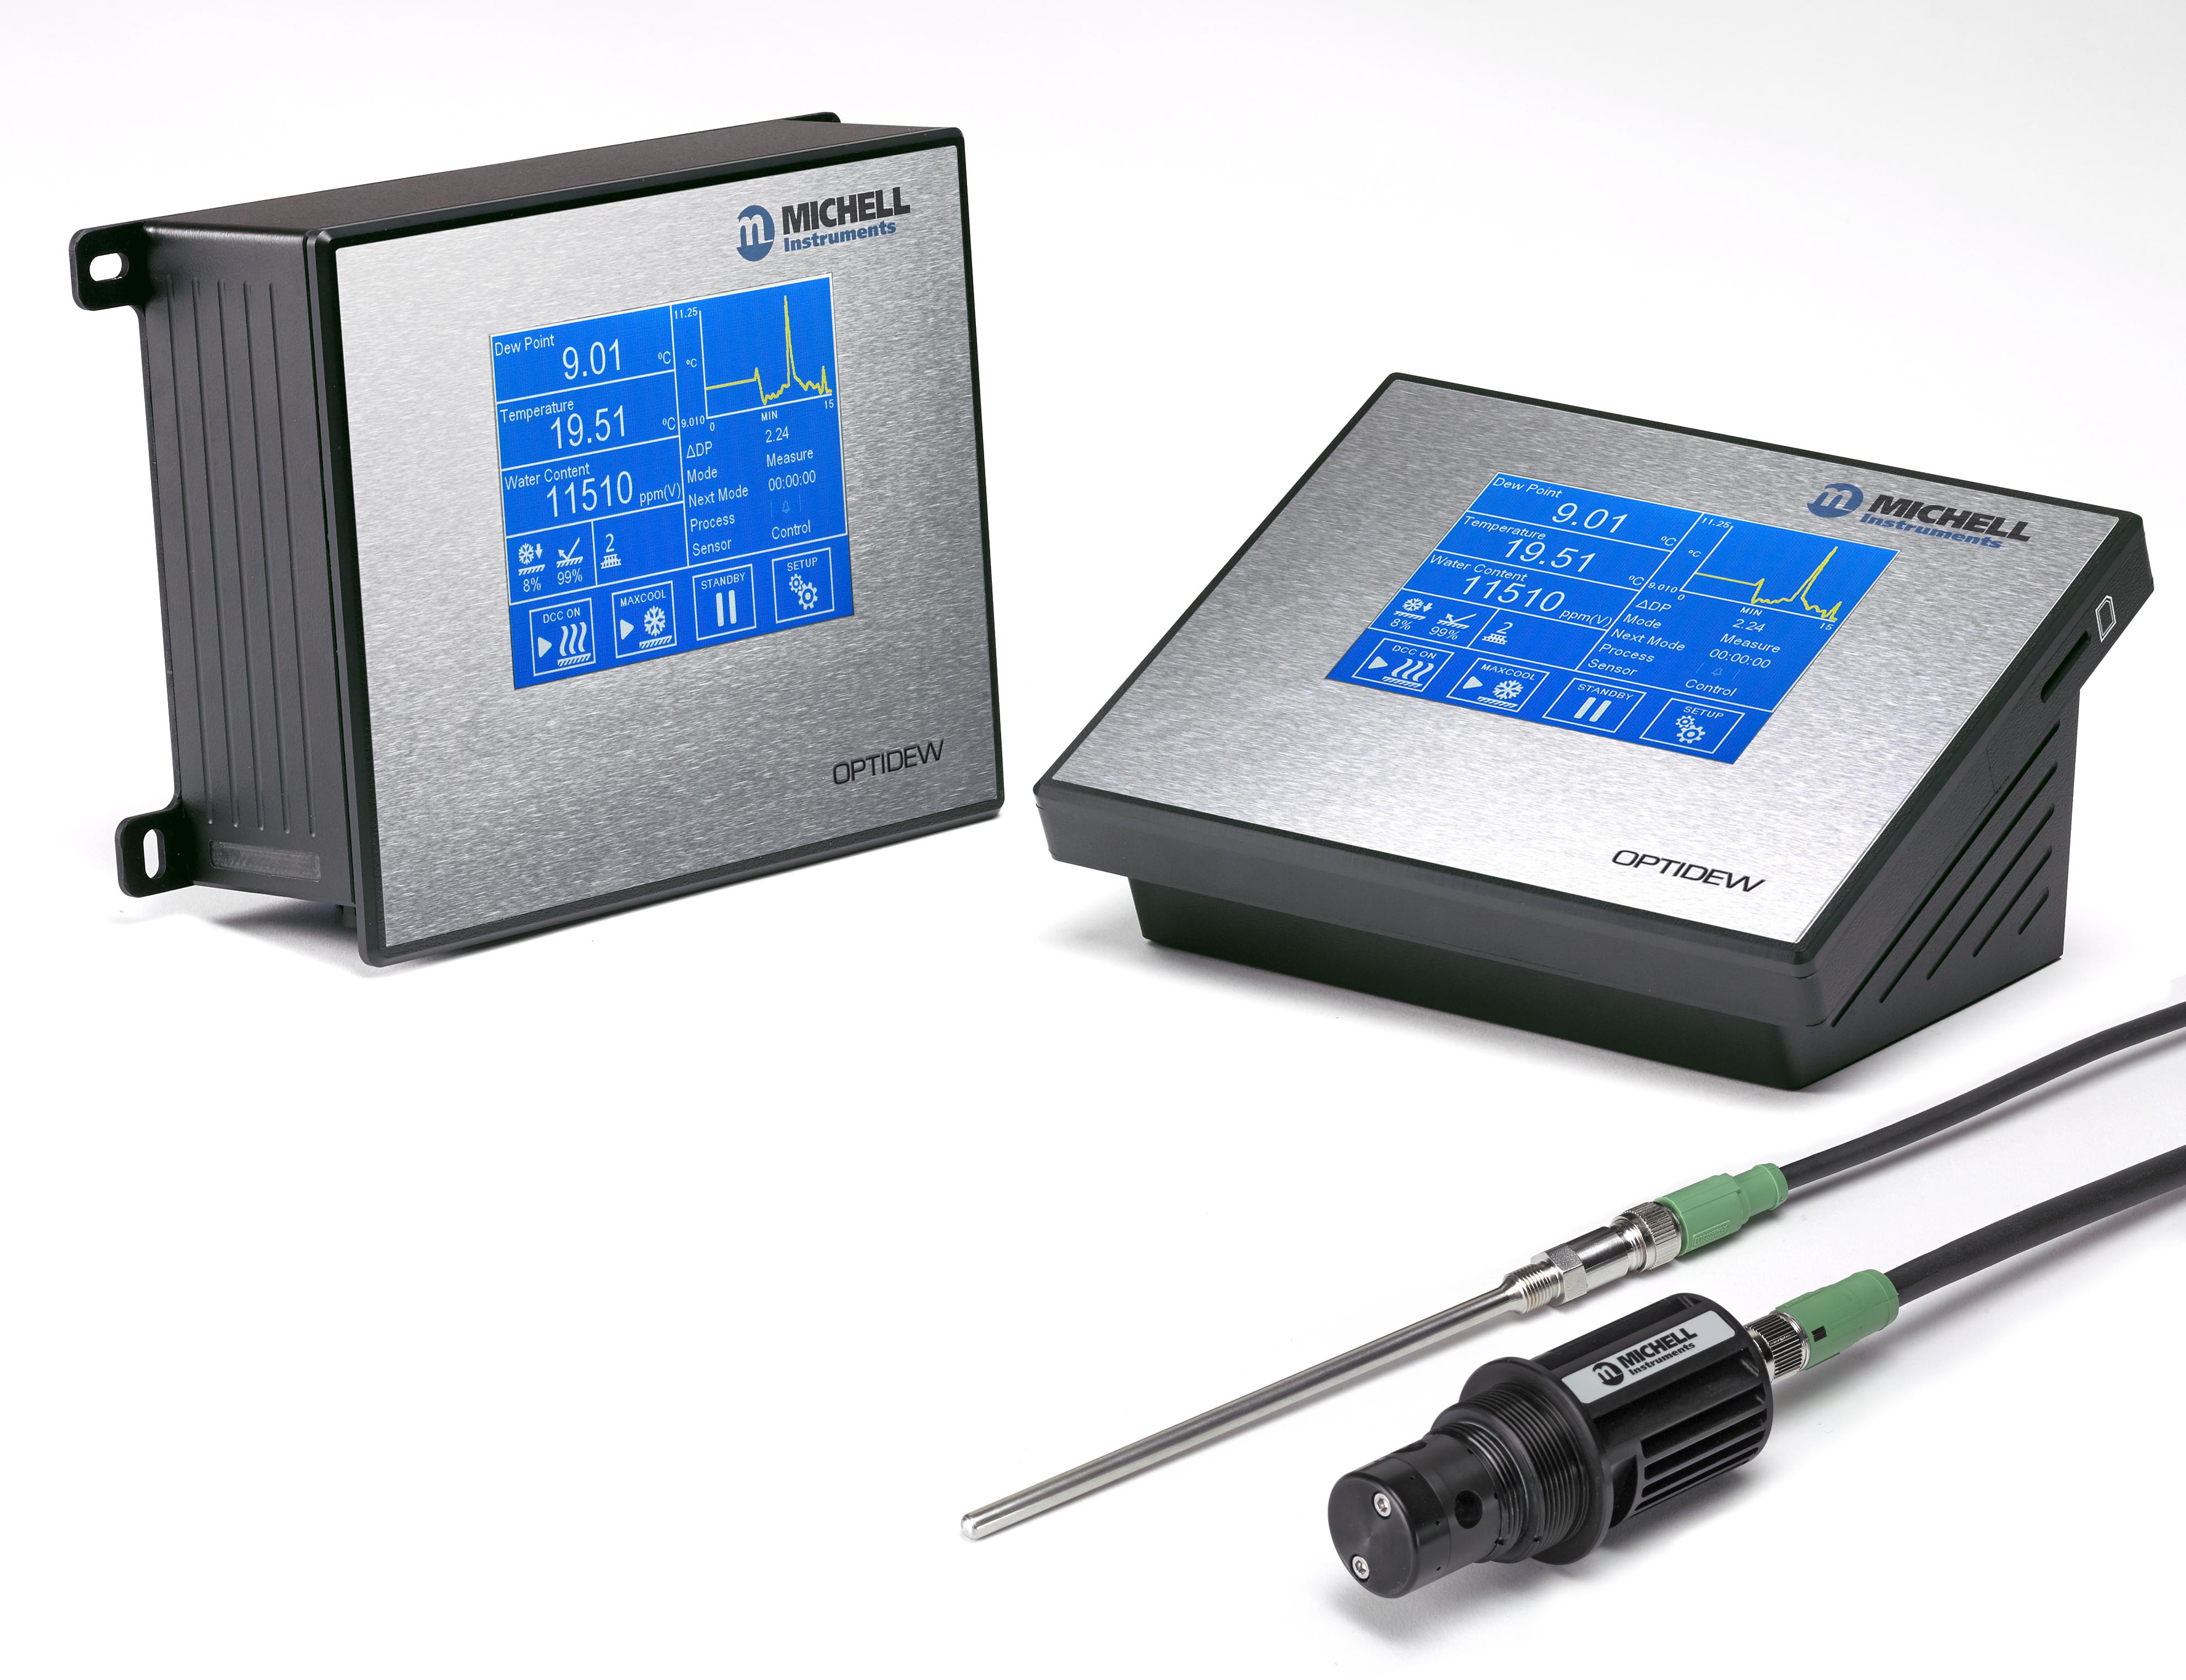 Neuer Taupunktspiegel Hygrometer von Michell mit effizientem Sensordesign setzt Maßstäbe: noch schneller, präziser und robuster als je zuvor!